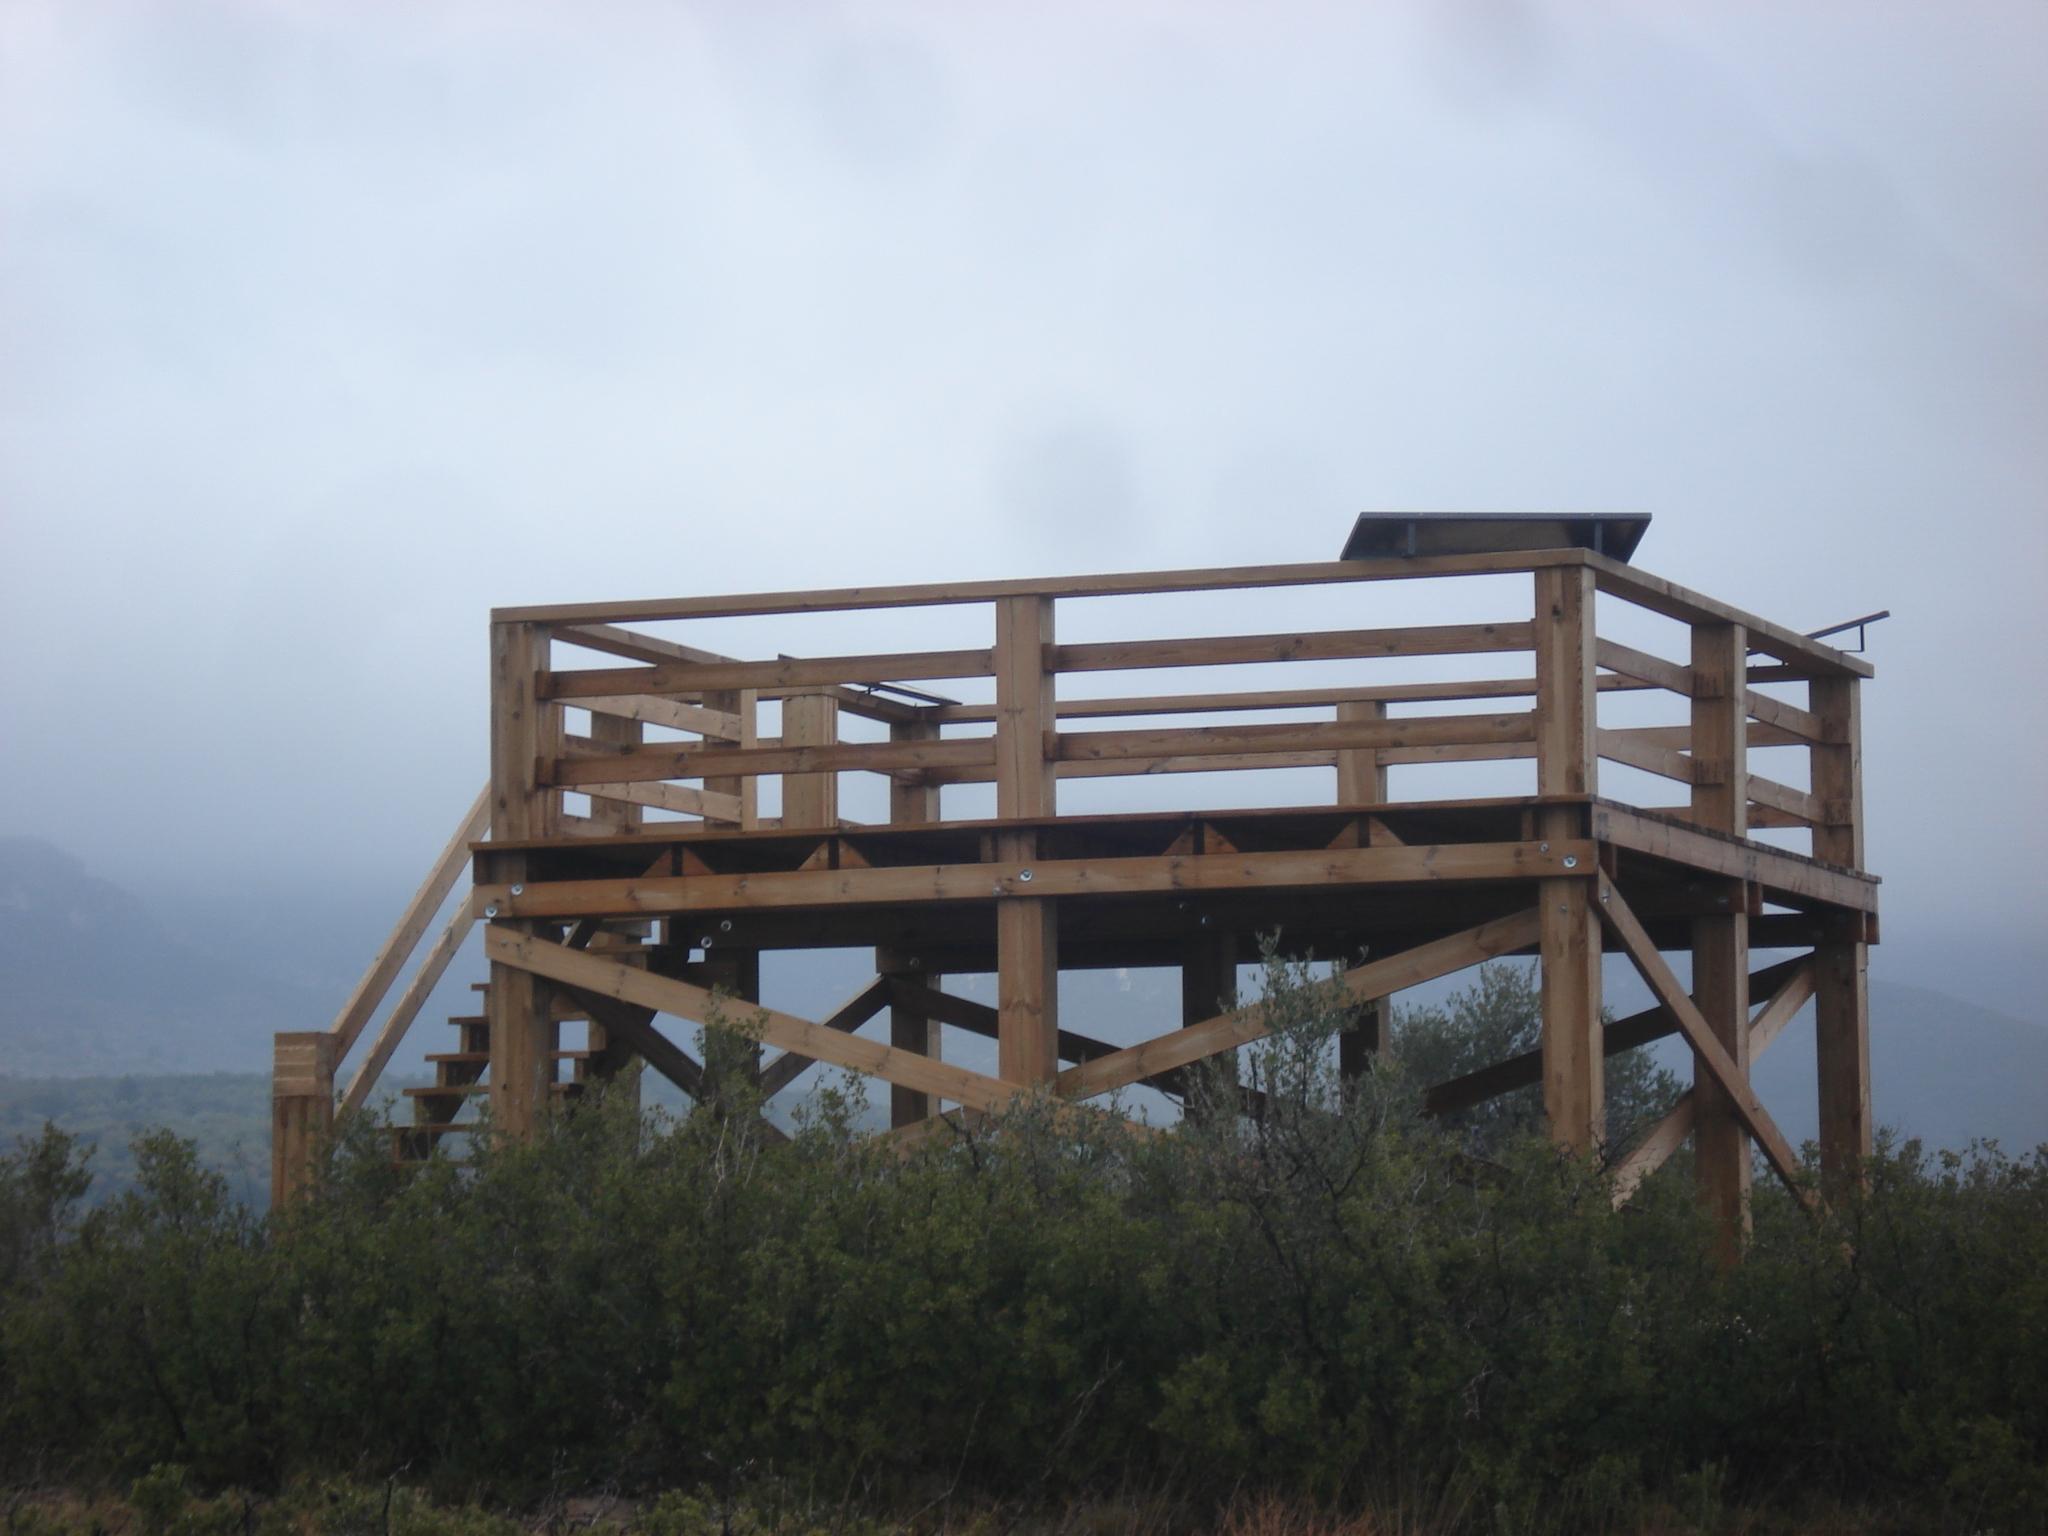 Construcci n de un mirador de madera en la s nia tarragona proyectos carpinteros - Carpintero tarragona ...